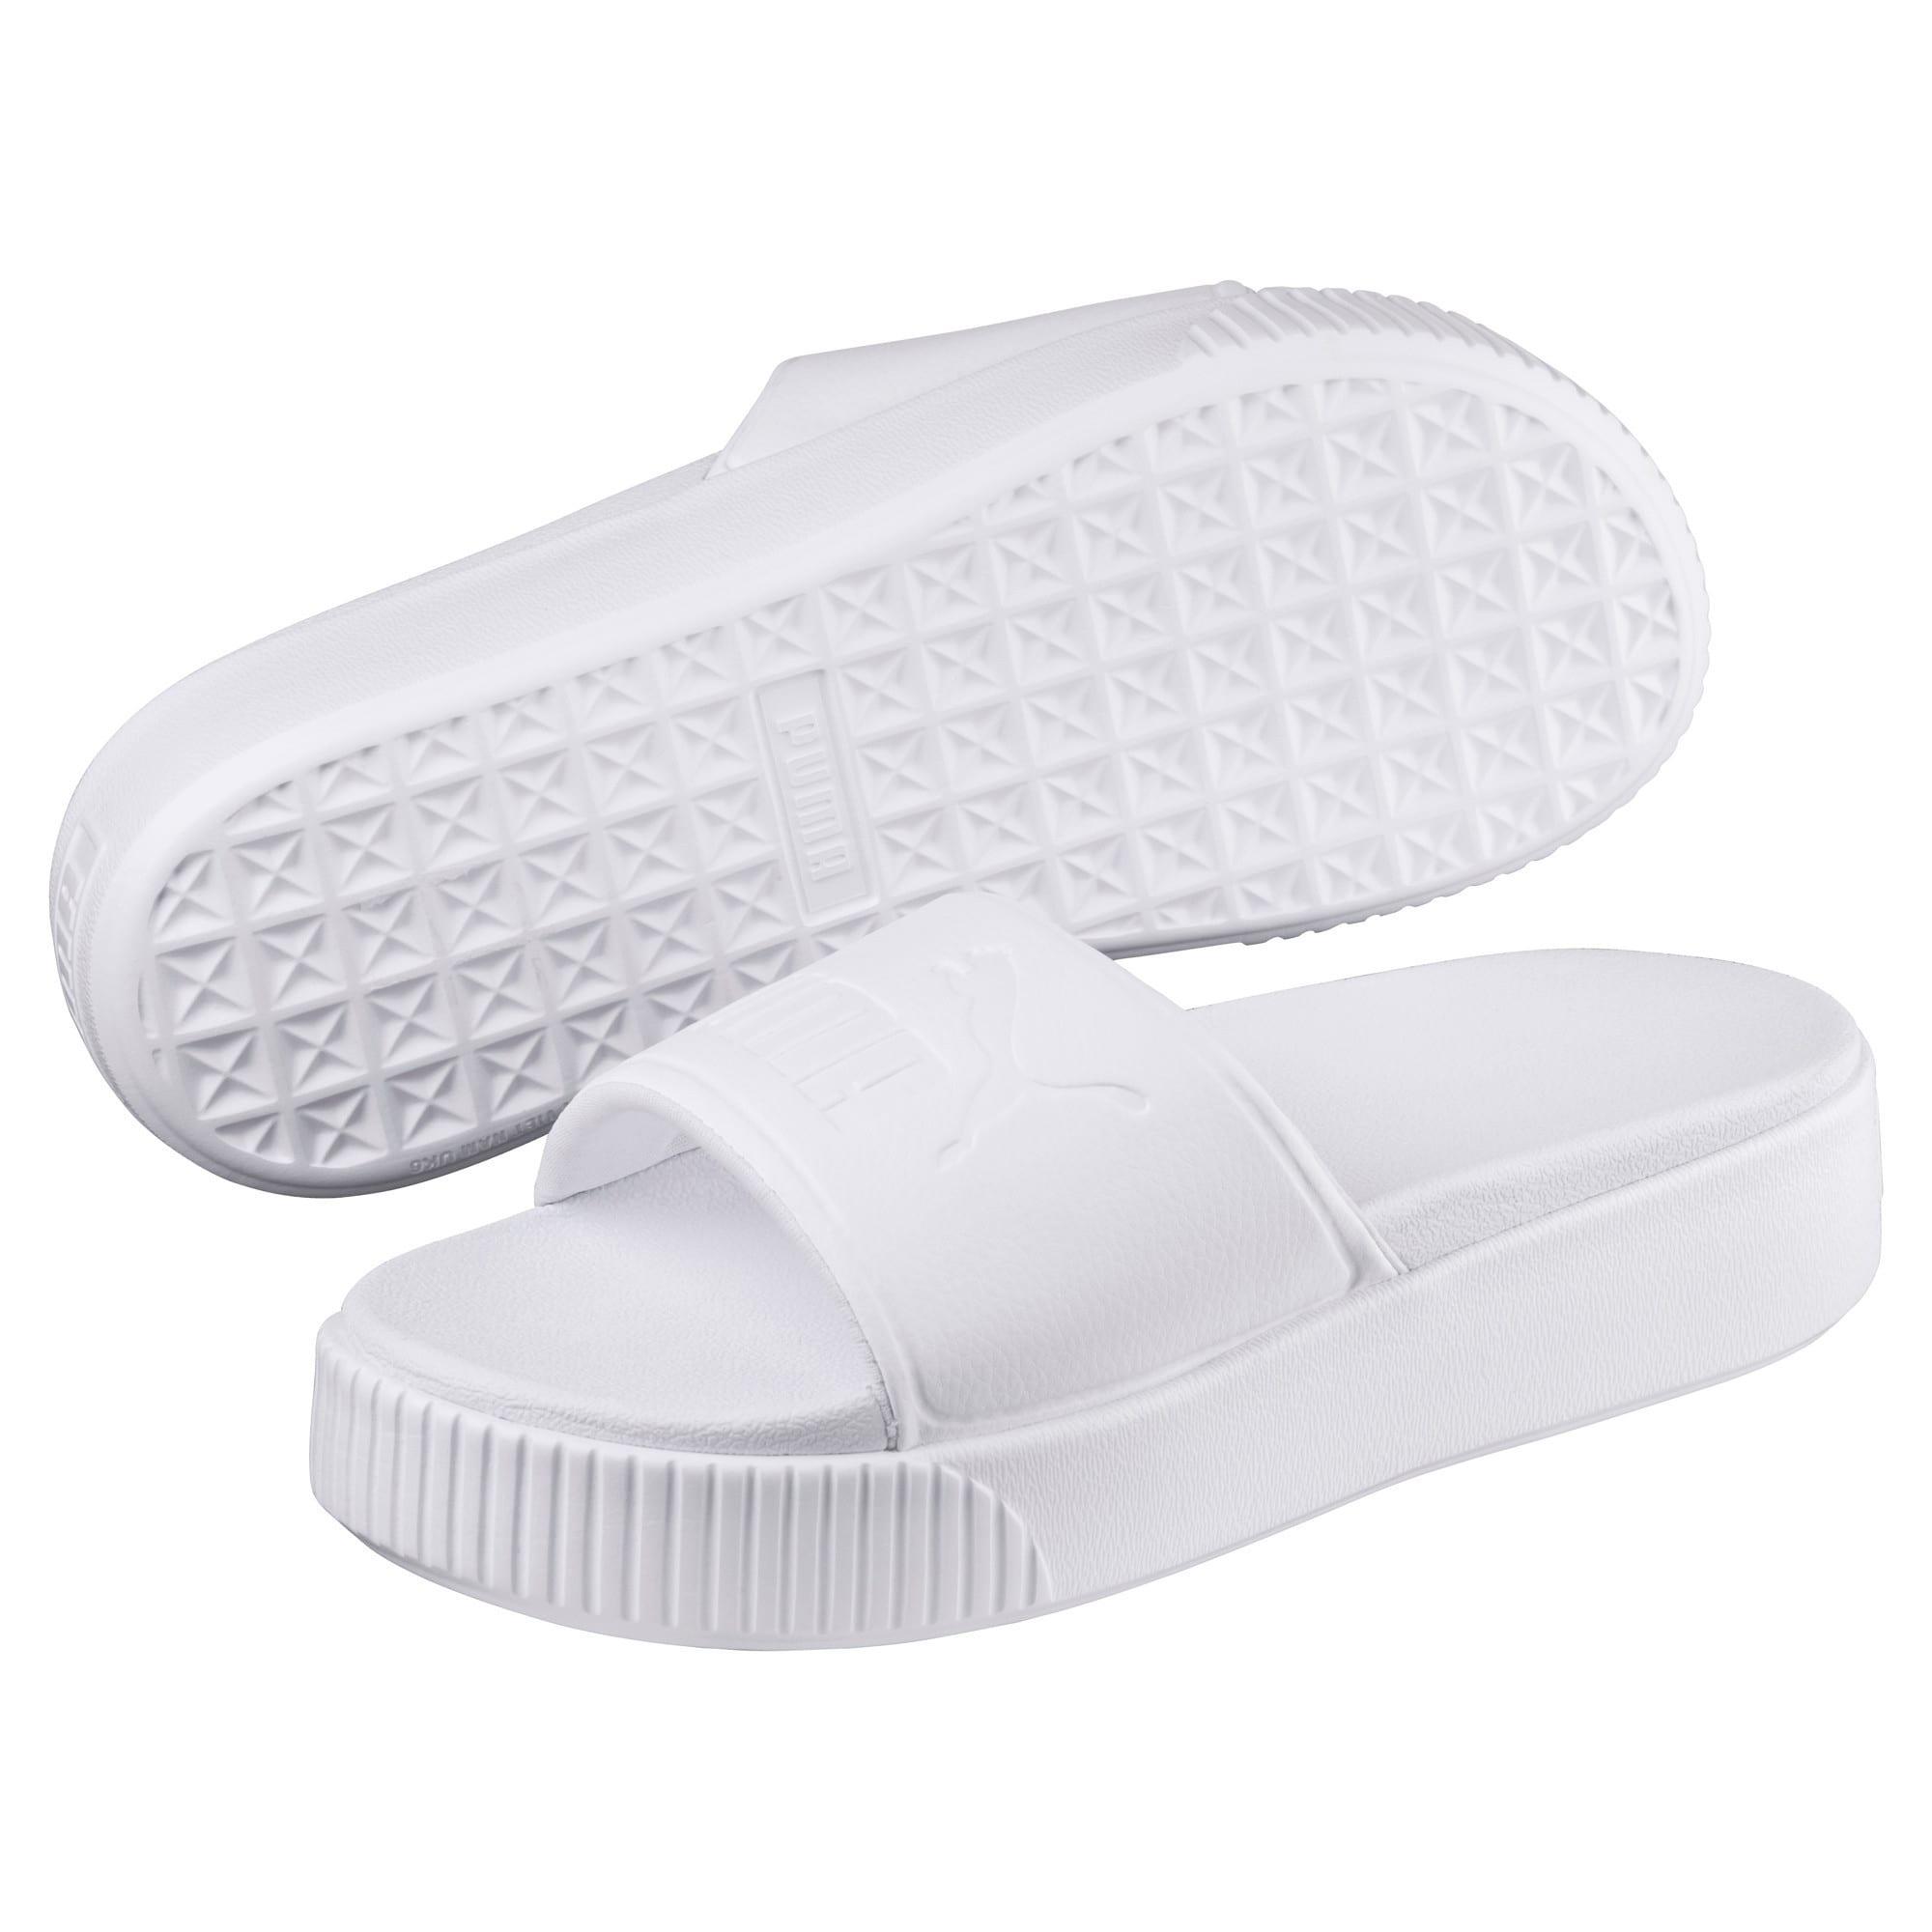 Thumbnail 2 of Platform Slide Bold Women's Sandals, Puma White-Puma White, medium-IND